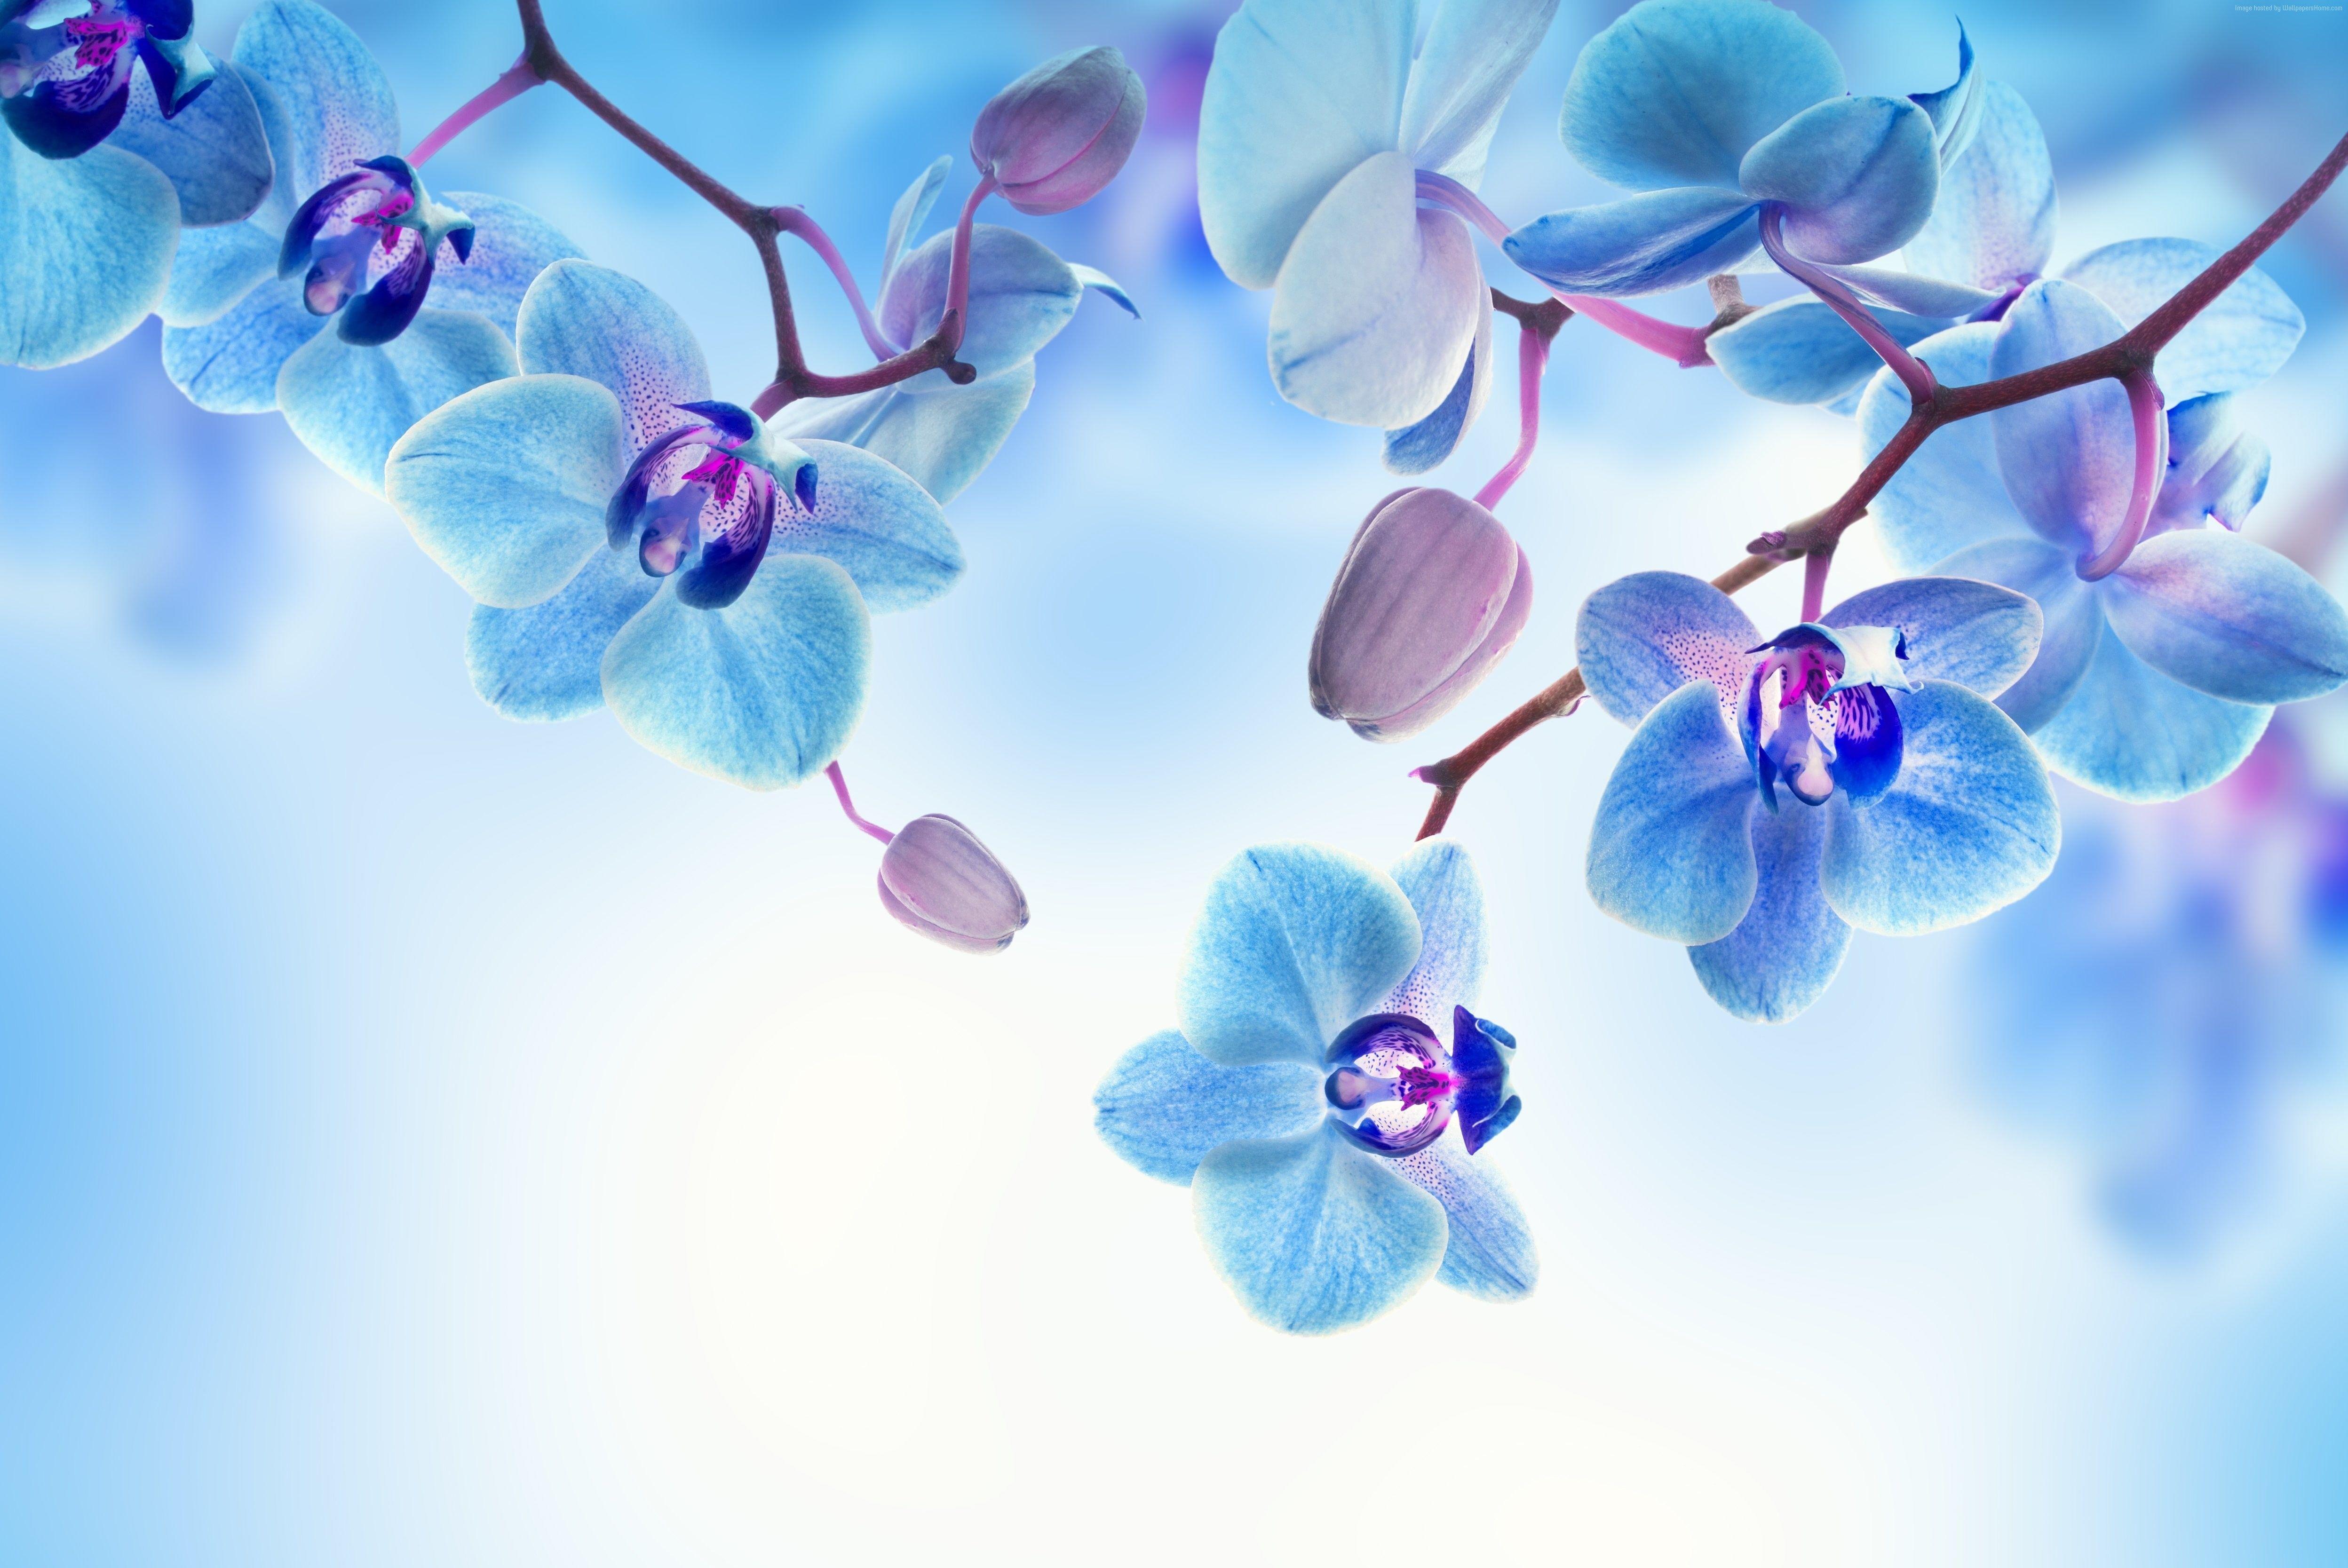 4k 5k Orchid Blue White Flowers 4k Wallpaper Hdwallpaper Desktop Orchid Wallpaper White Flower Wallpaper Orchid Flower Fantastic orchid flower wallpaper